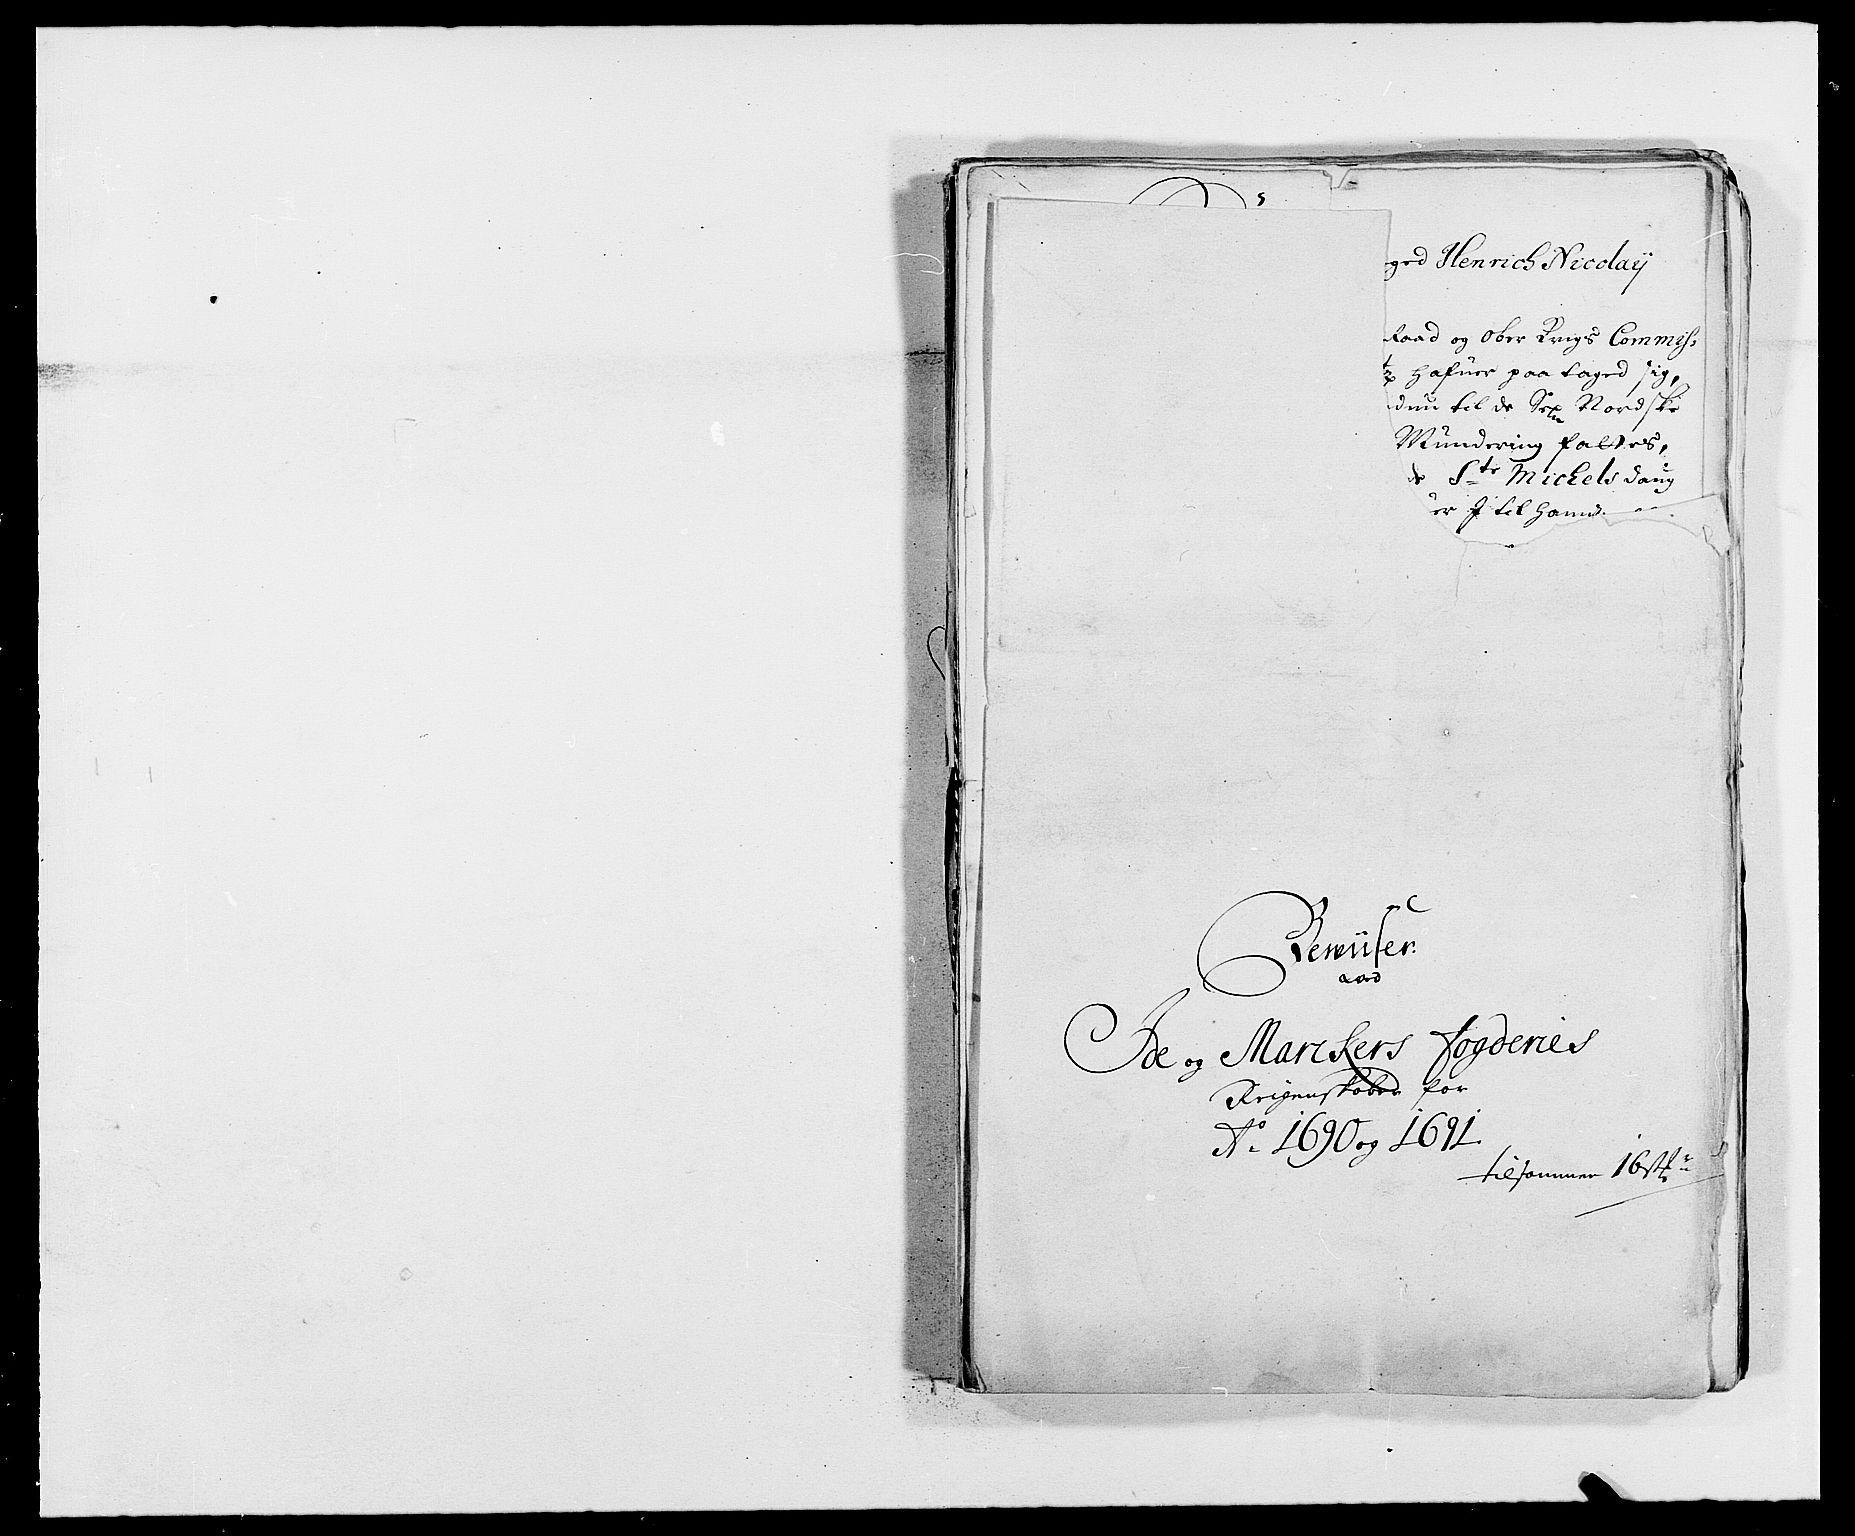 RA, Rentekammeret inntil 1814, Reviderte regnskaper, Fogderegnskap, R01/L0010: Fogderegnskap Idd og Marker, 1690-1691, s. 42